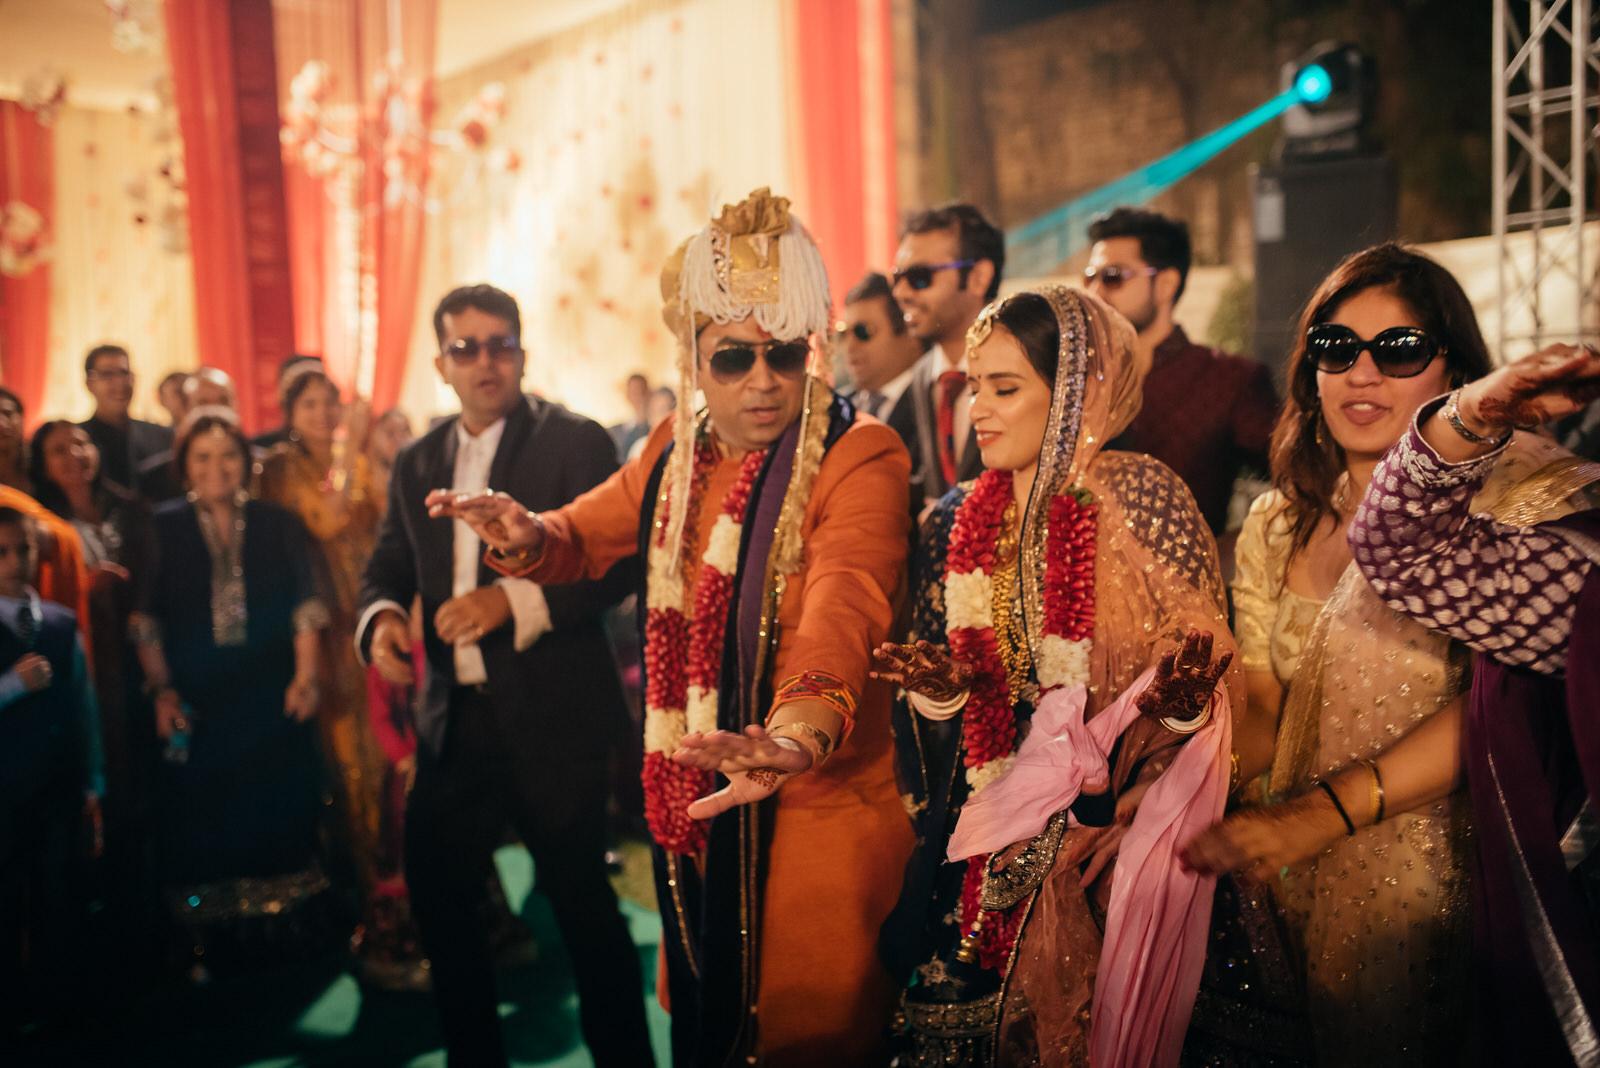 Hindu Night Wedding Day 2 - Camera 1-458.jpg